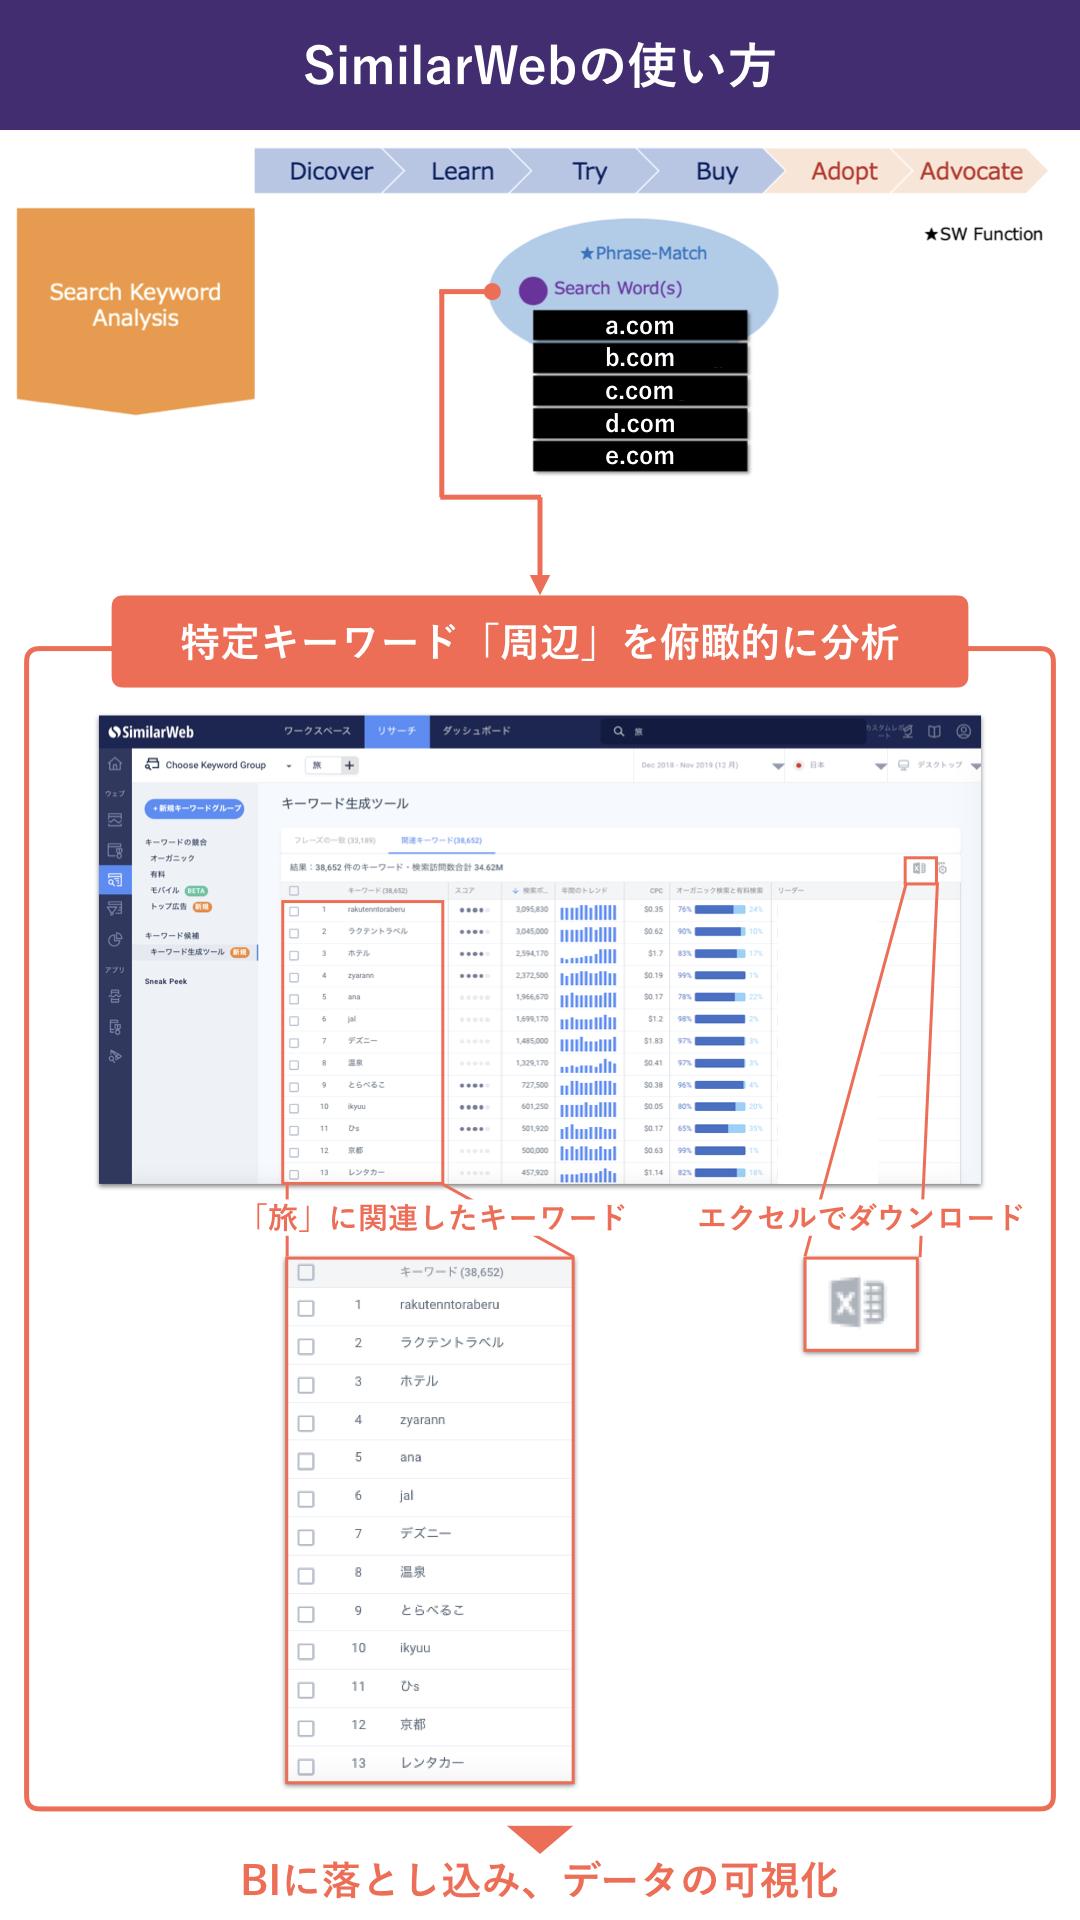 ヤマハ株式会社:濱崎司_SimilarWebの使い方